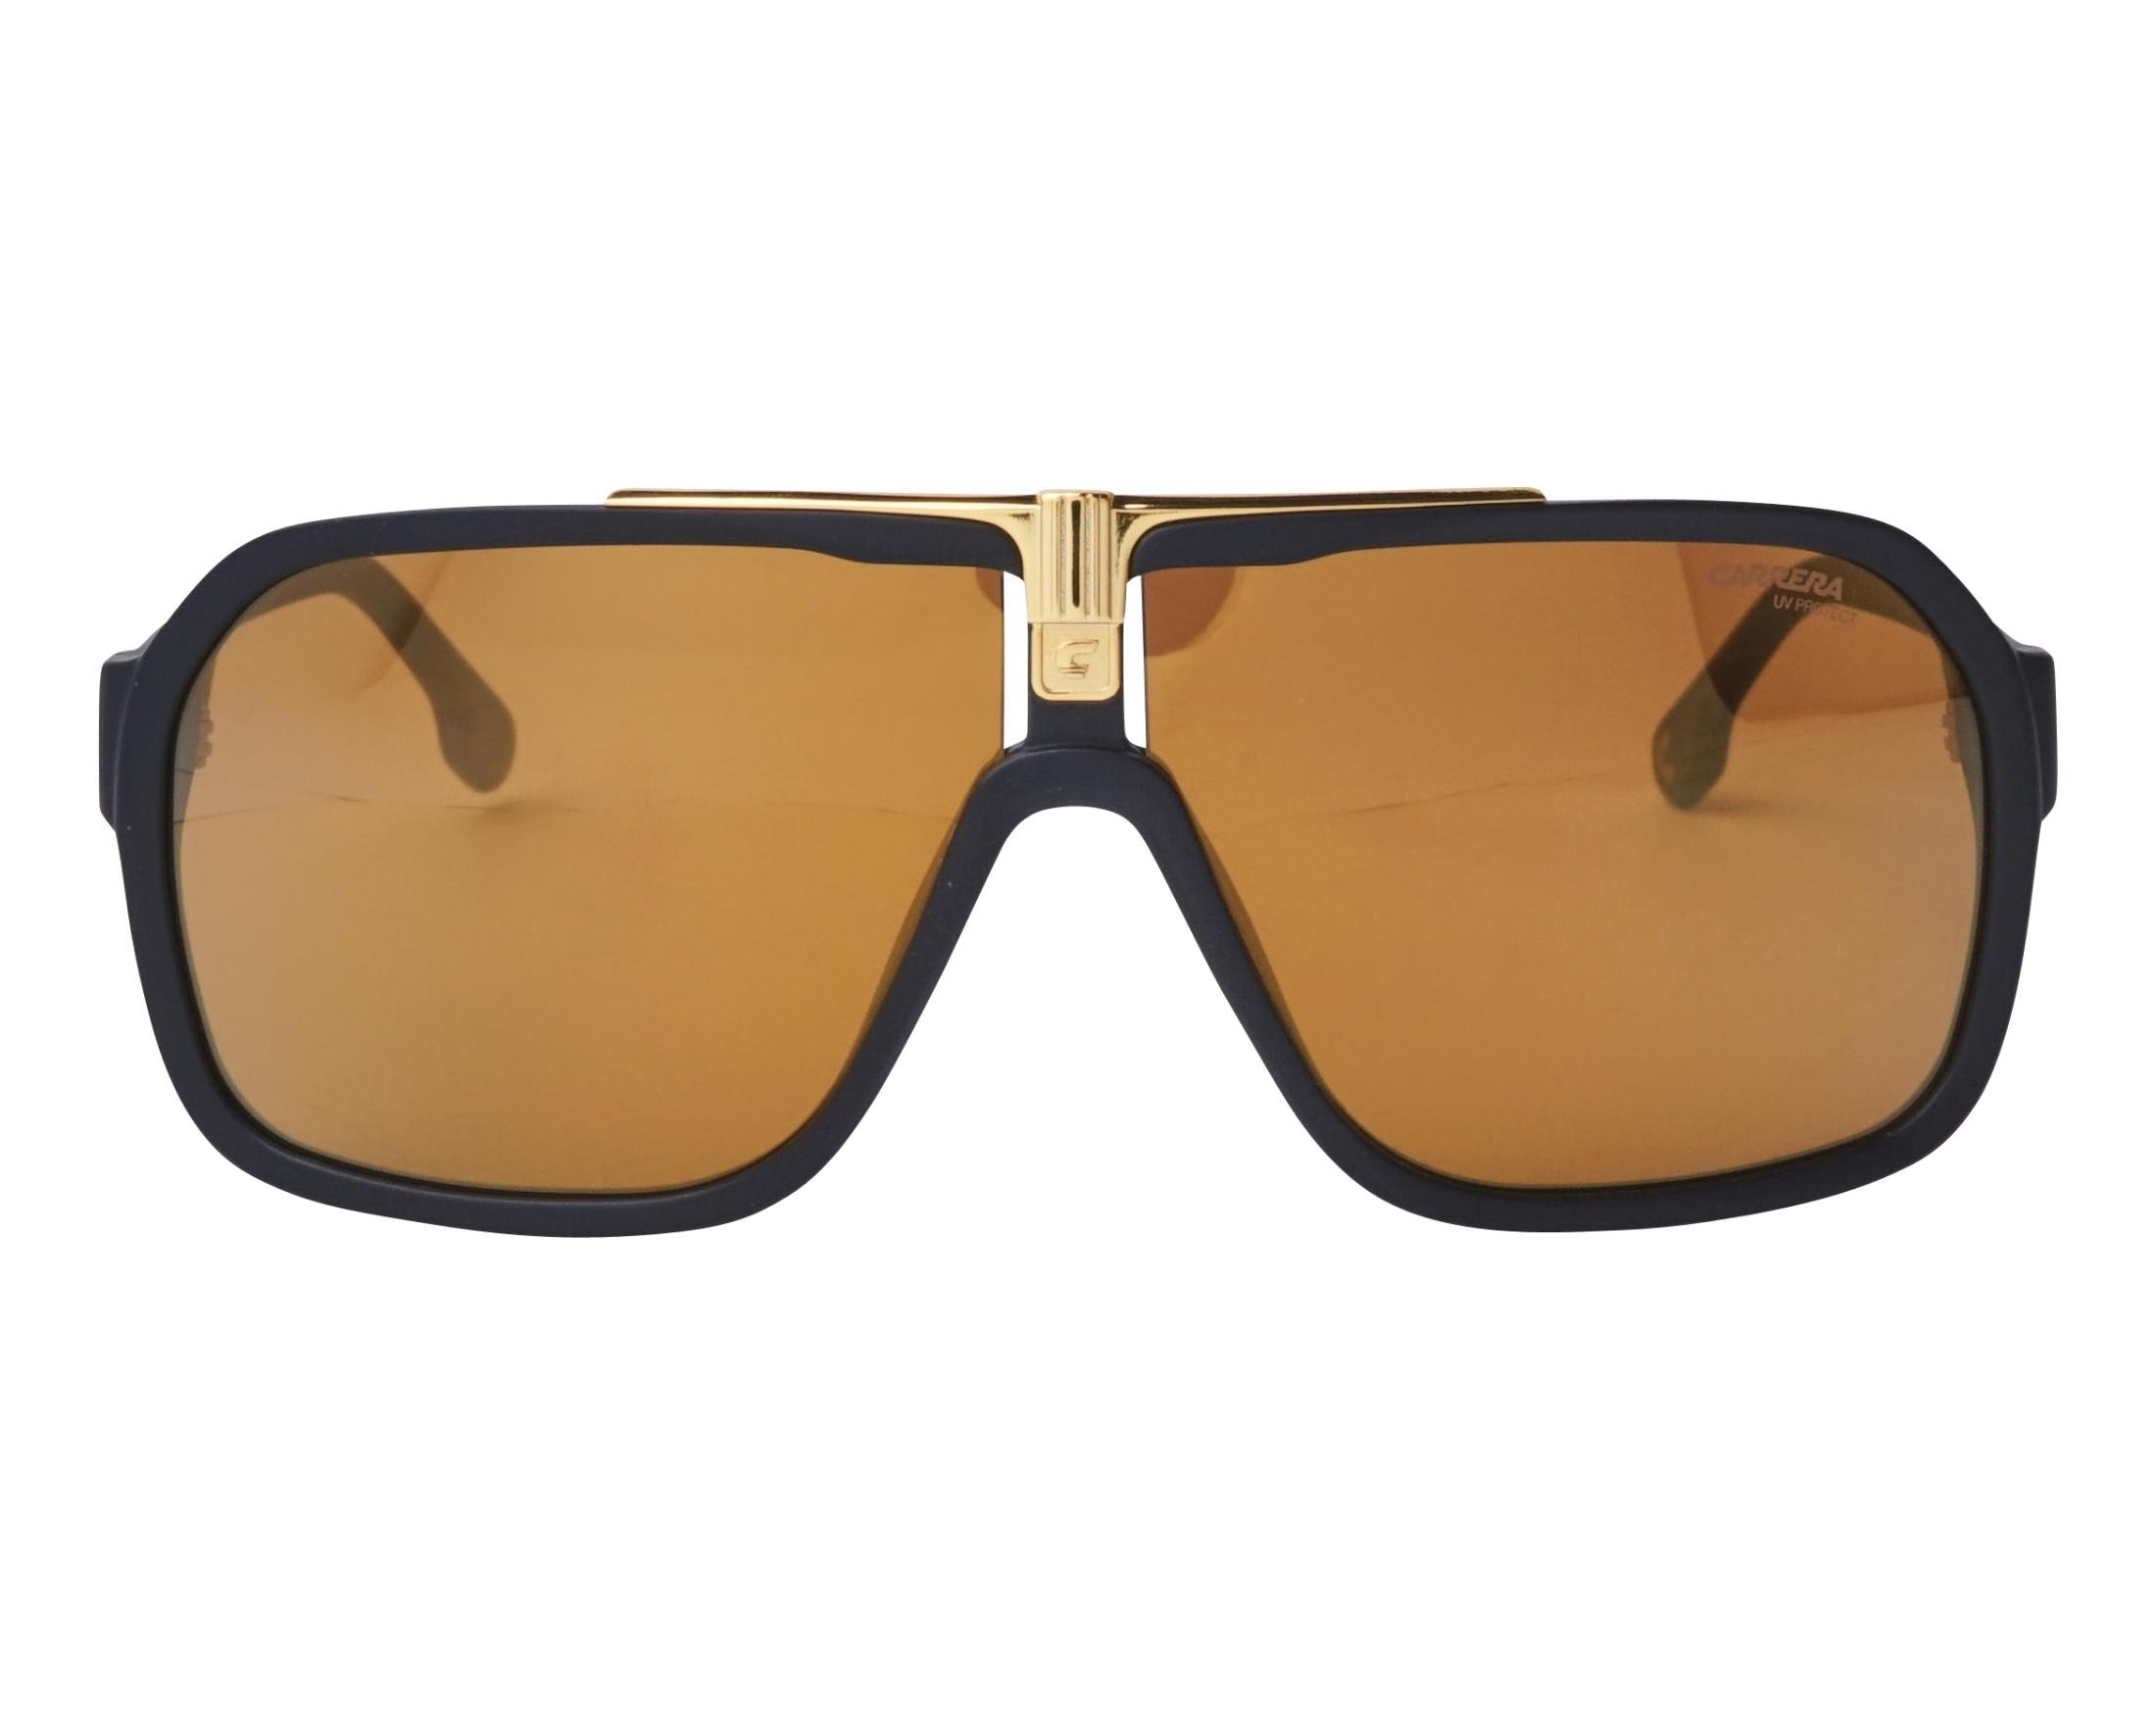 6c36a711e8 Gafas de sol Carrera 1014-S I46K1 64-10 Negra Oro vista de frente